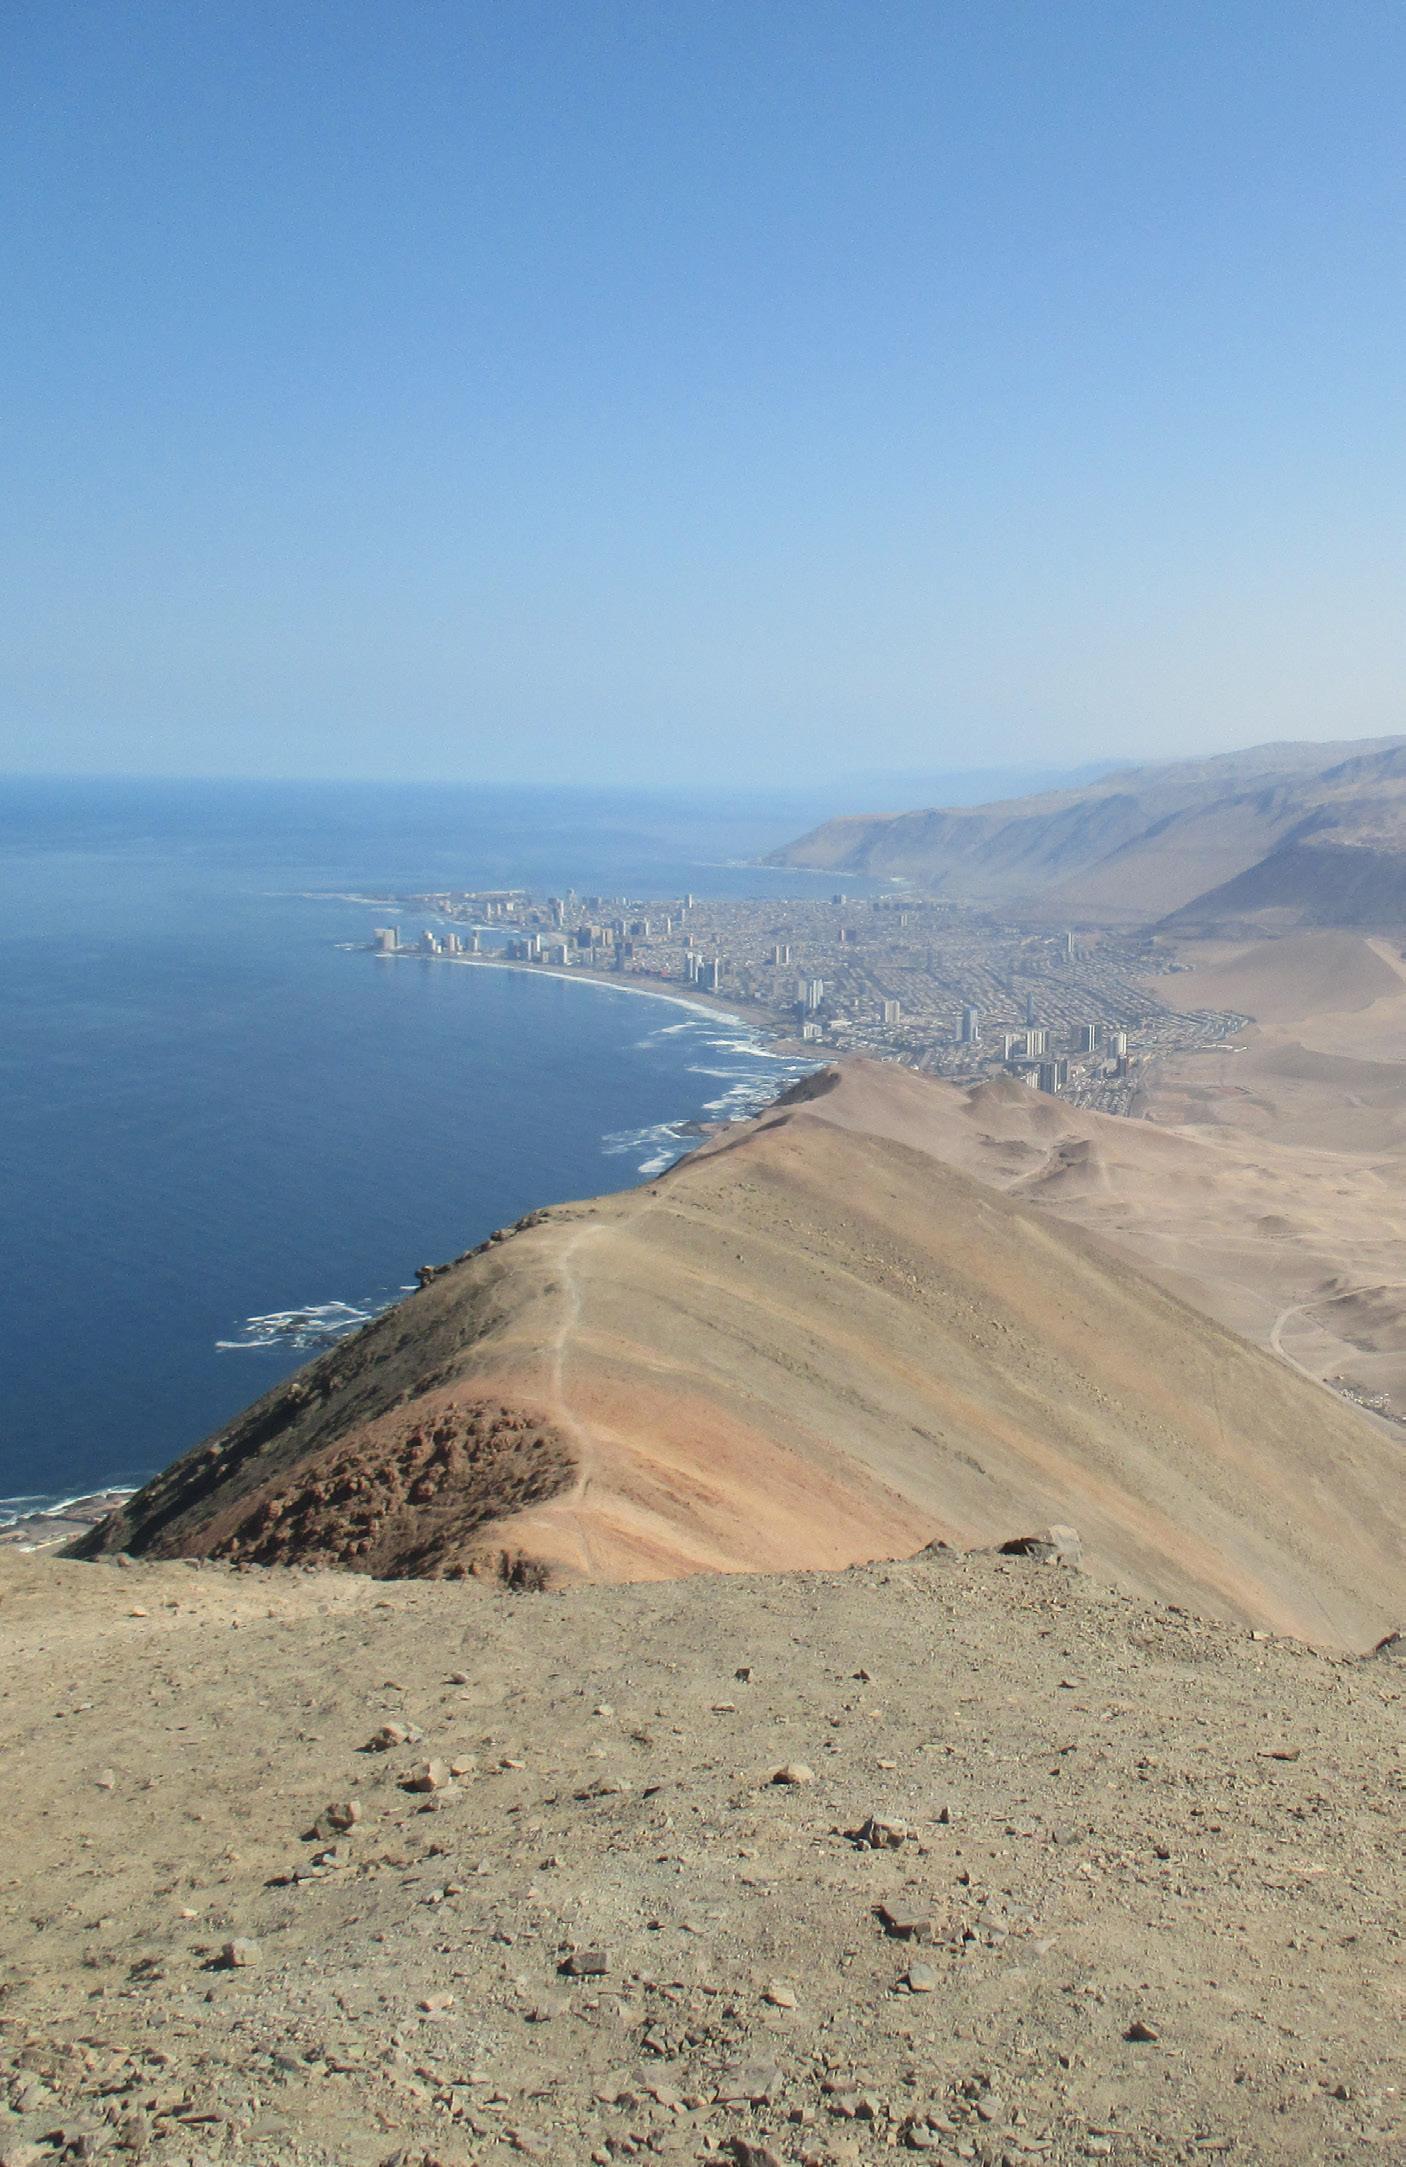 Page 30 of Circuito Iquique los Verdes, trail del desierto al mar